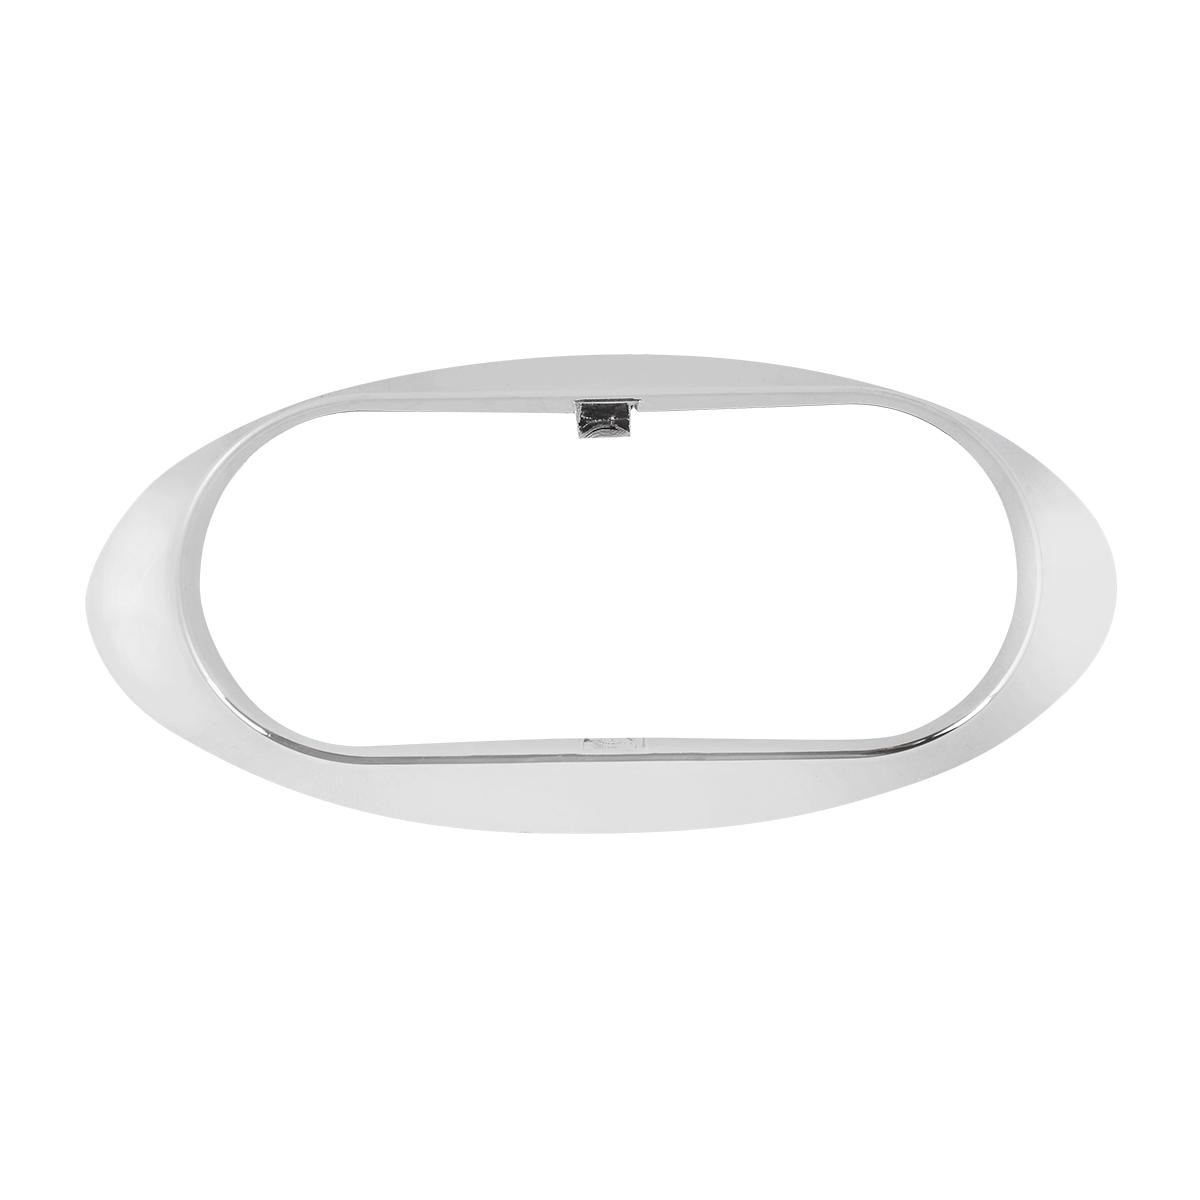 80005 Bezel for Small Oval LED Marker Light